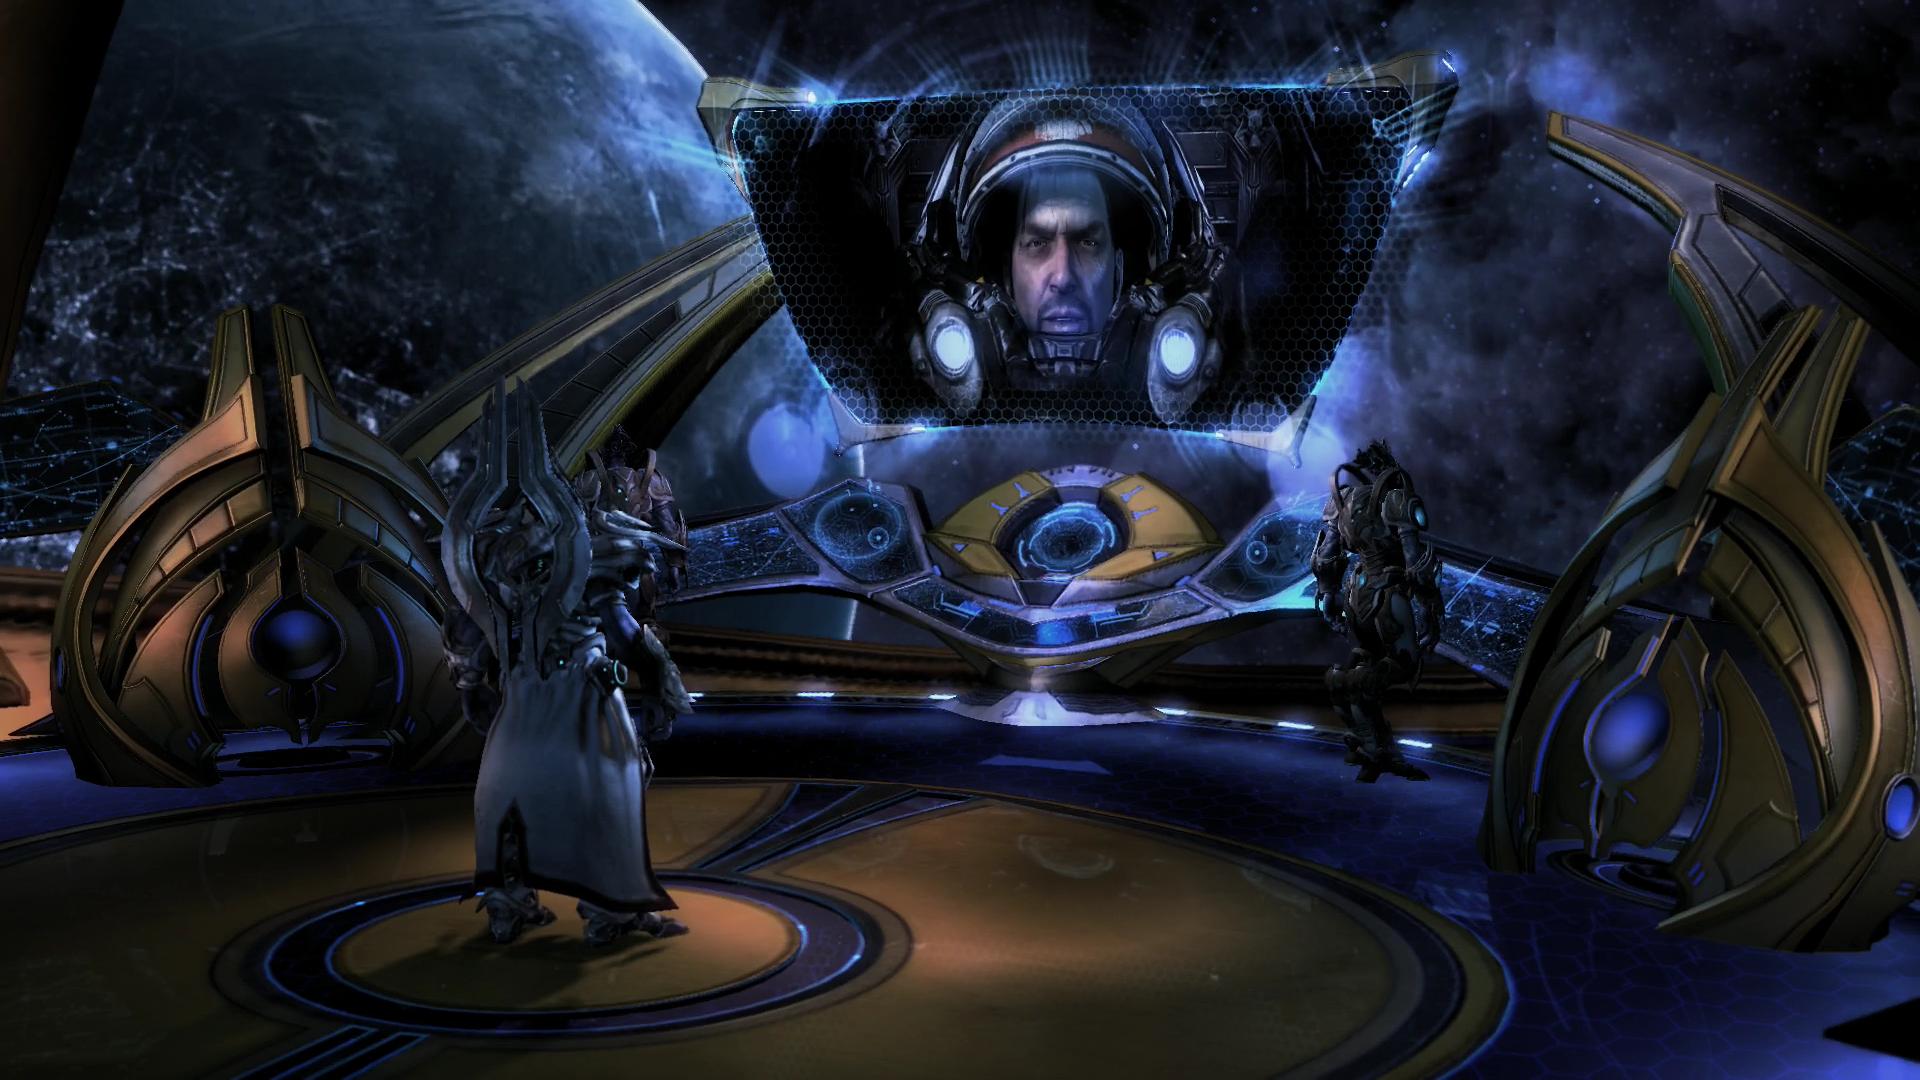 Starcraft 2 3.0 im Test: Grandioses Finale mit den Protoss - Auch der ein oder andere alte Bekannte ist wieder mit von der Partie. (Screenshot: Golem.de)